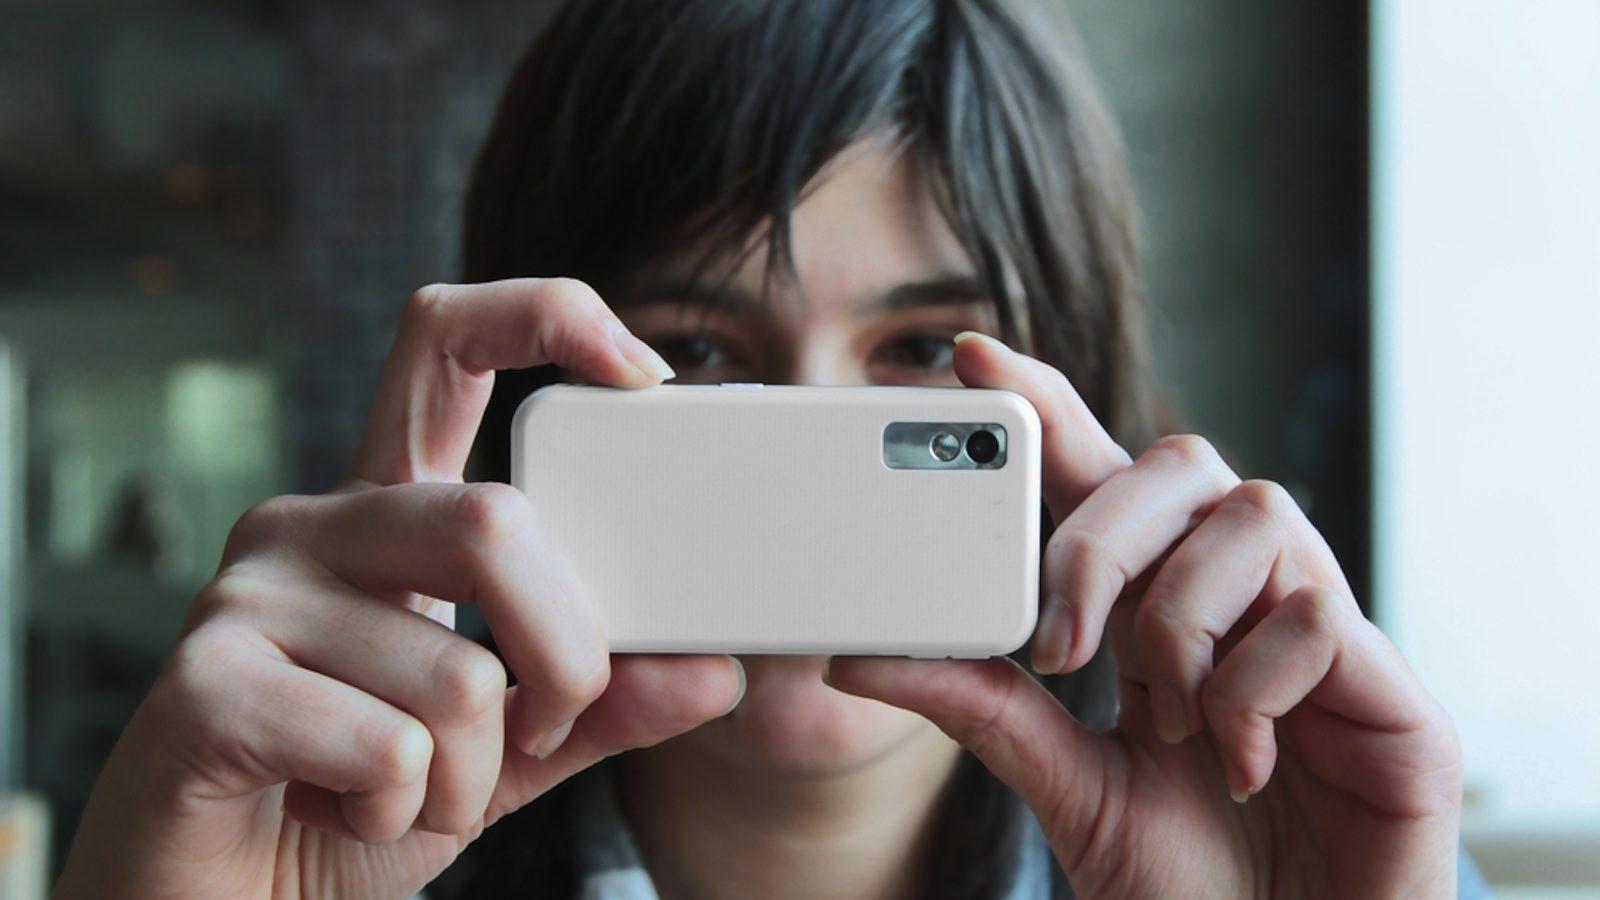 手機拍照「看左手」曝露年紀?18歲左右的人拿法「更穩定好拍」